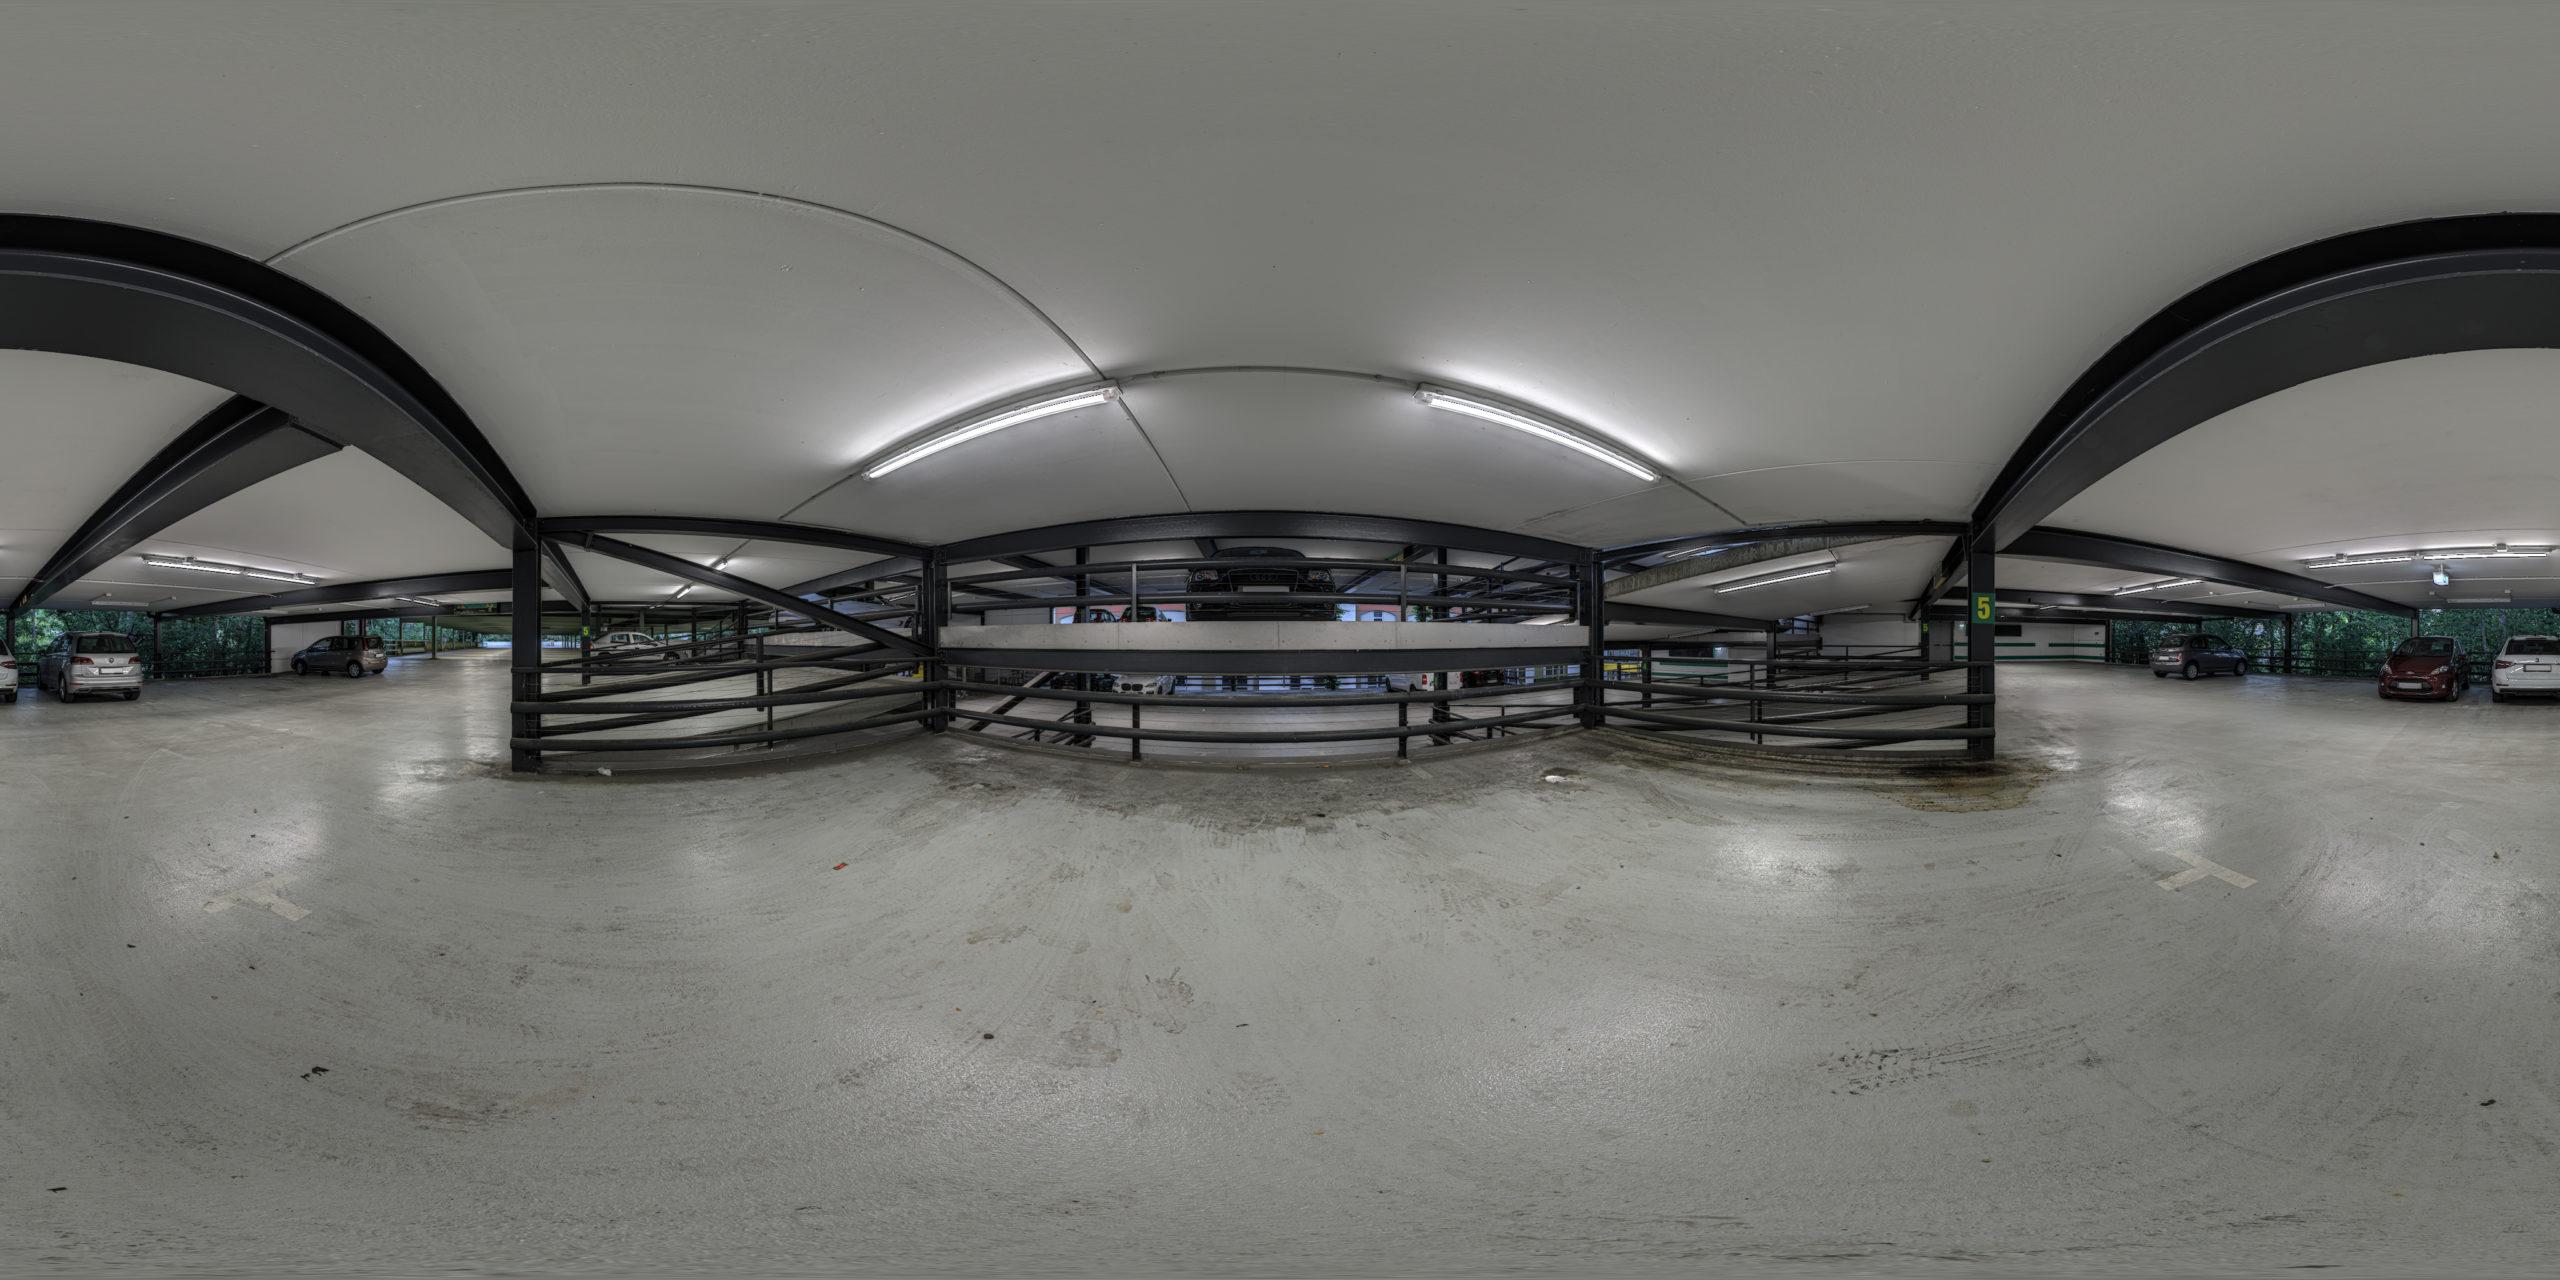 HDRI-Skies-Parking-Garage-Roth